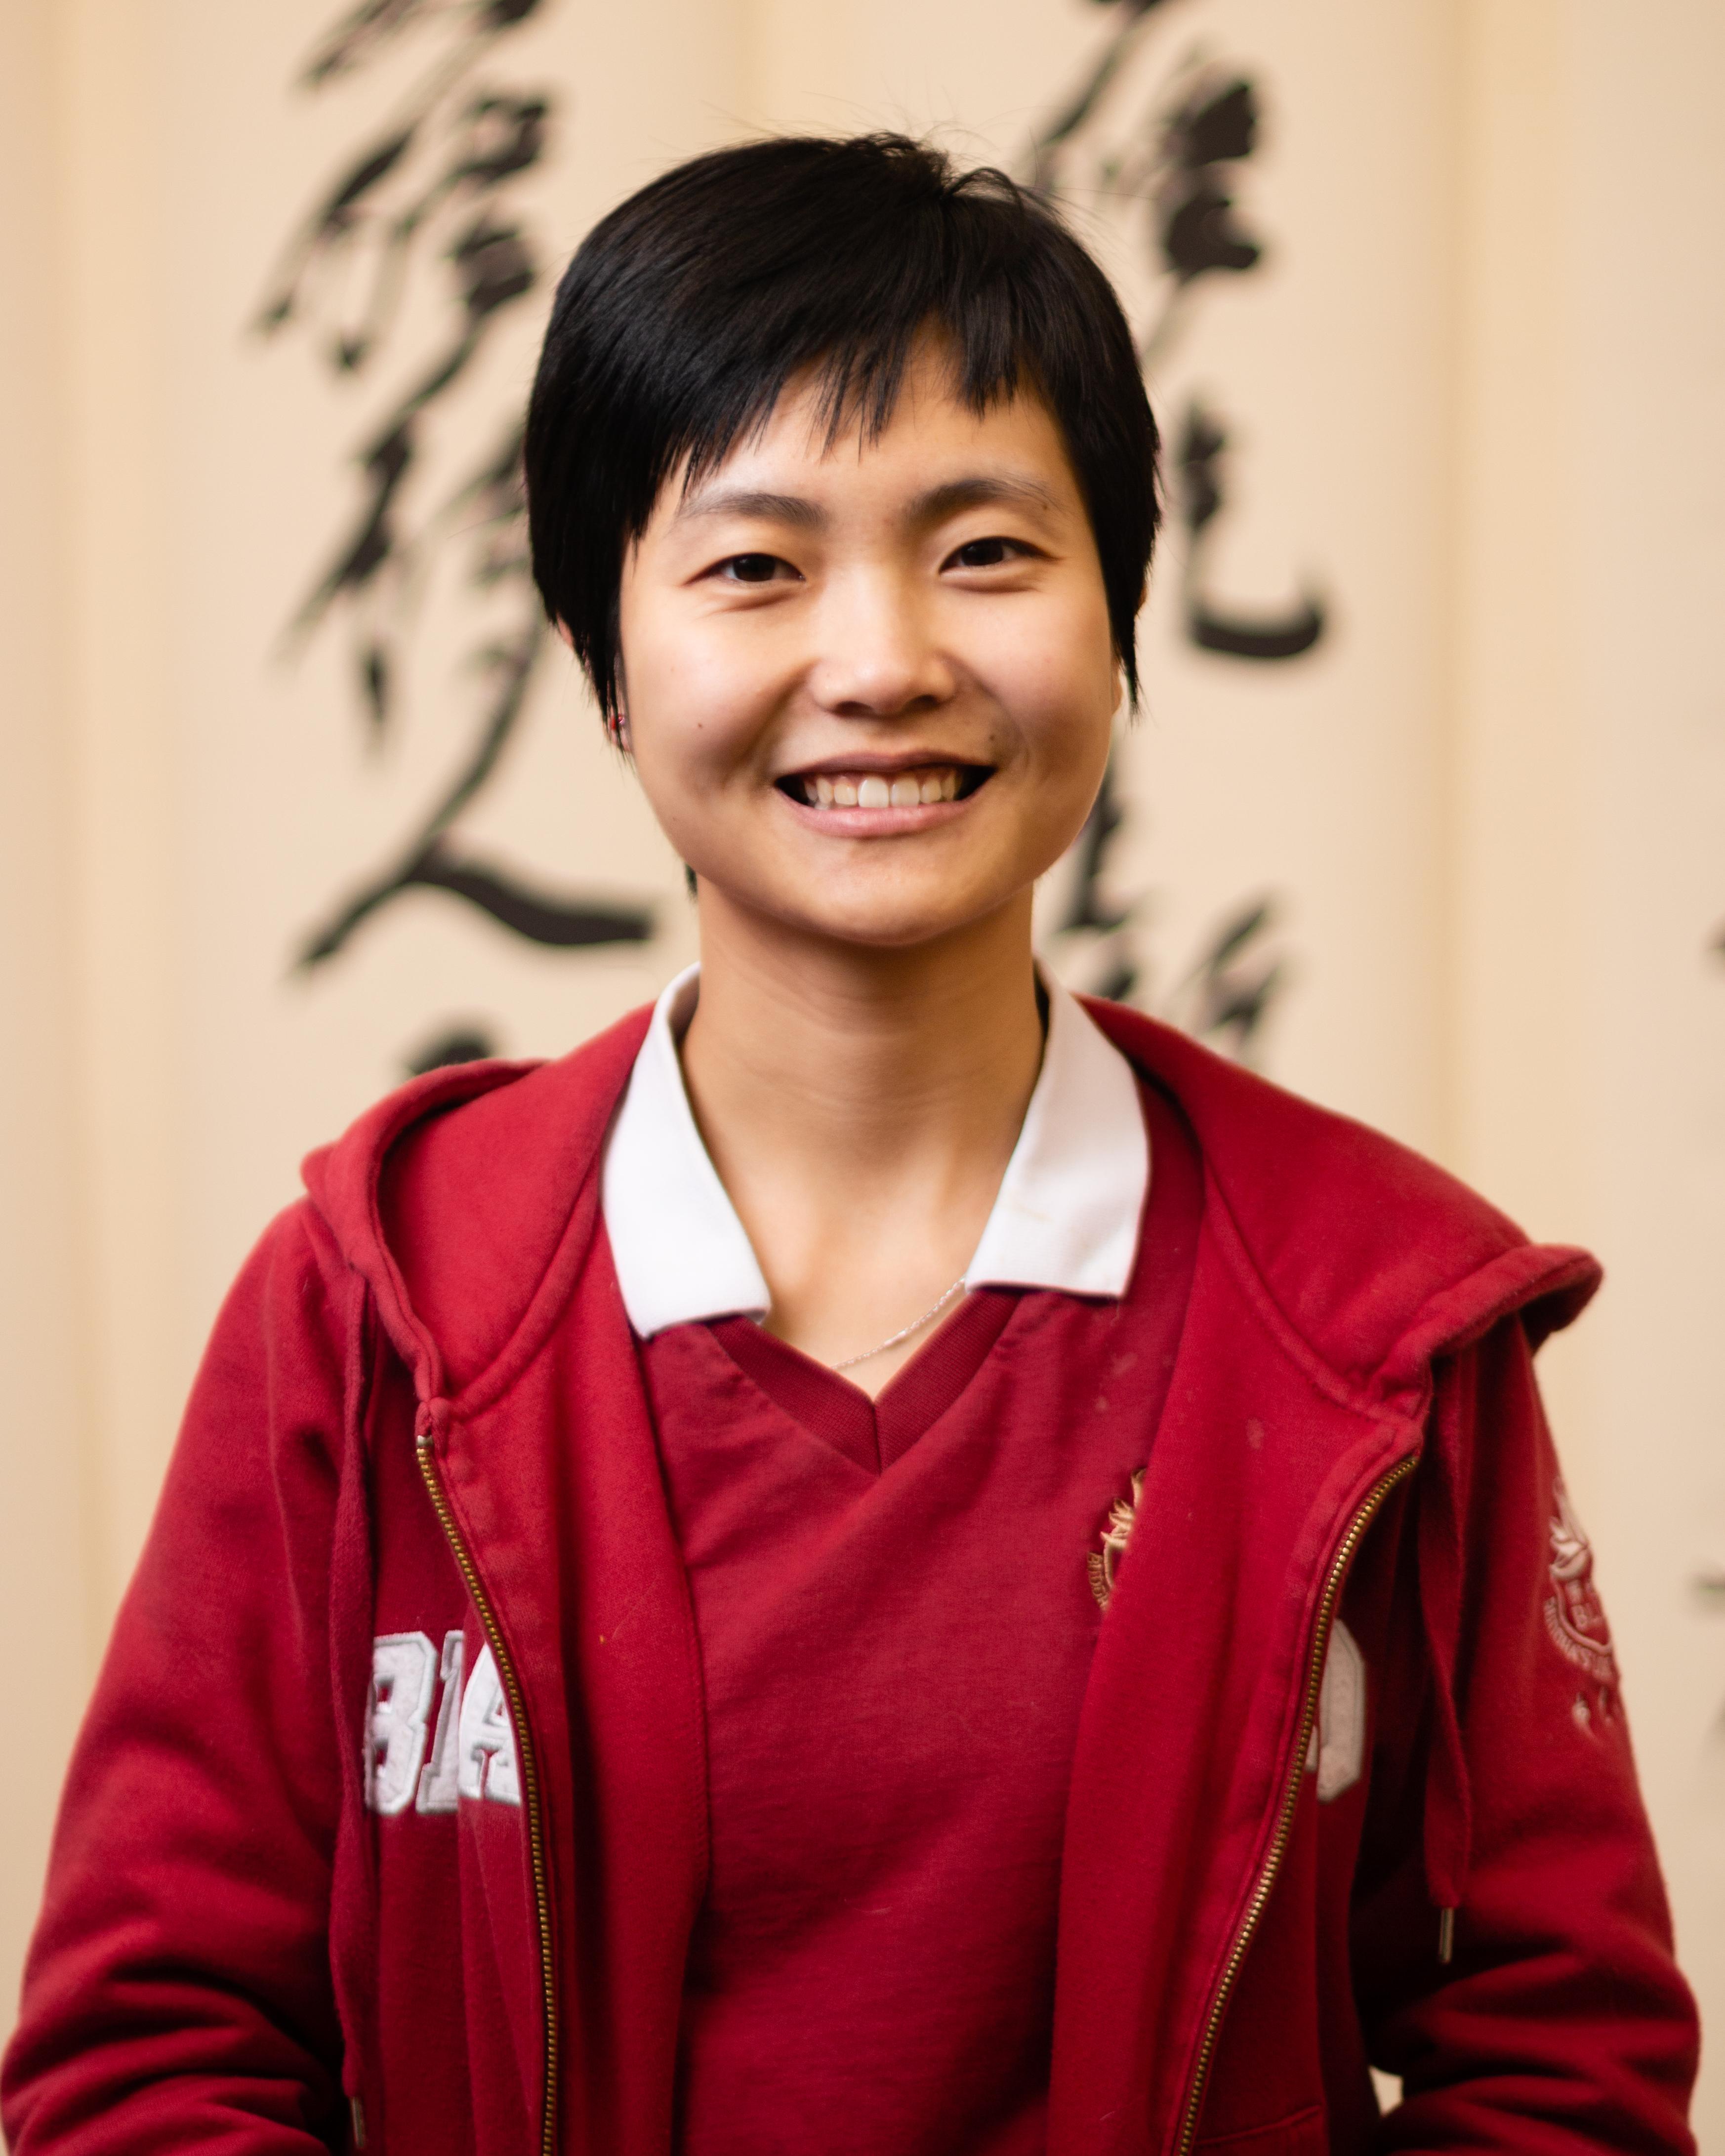 Qiulin Peng (彭秋琳)